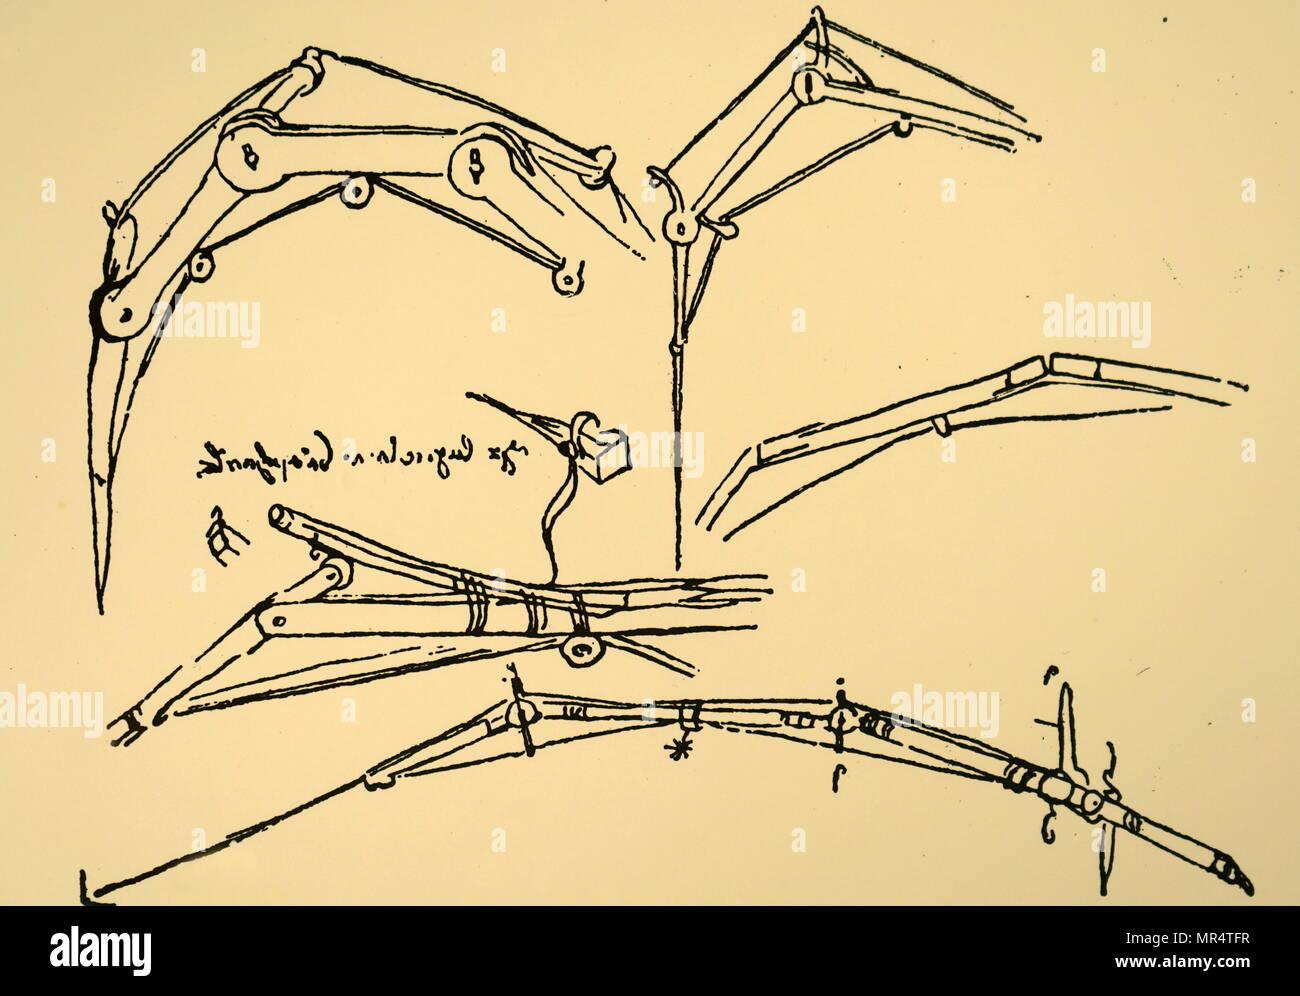 Leonardo Da Vinci Anatomy Imágenes De Stock & Leonardo Da Vinci ...